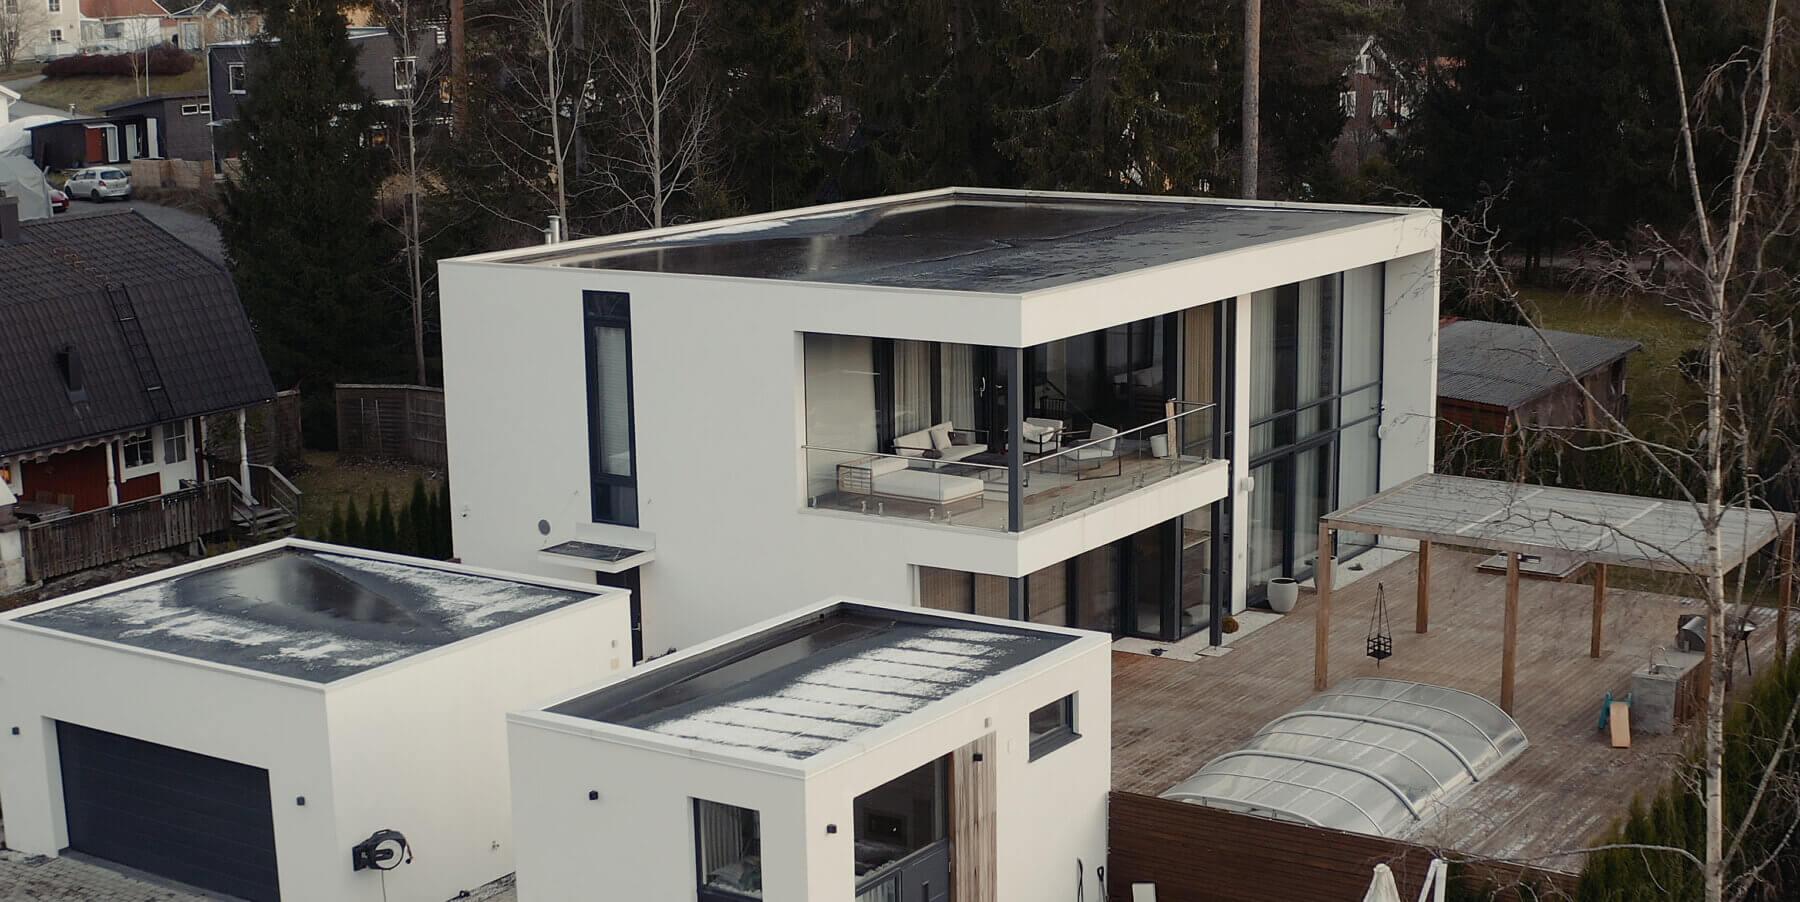 Arkitektritat hus med putsad fasad och cederträ detaljer